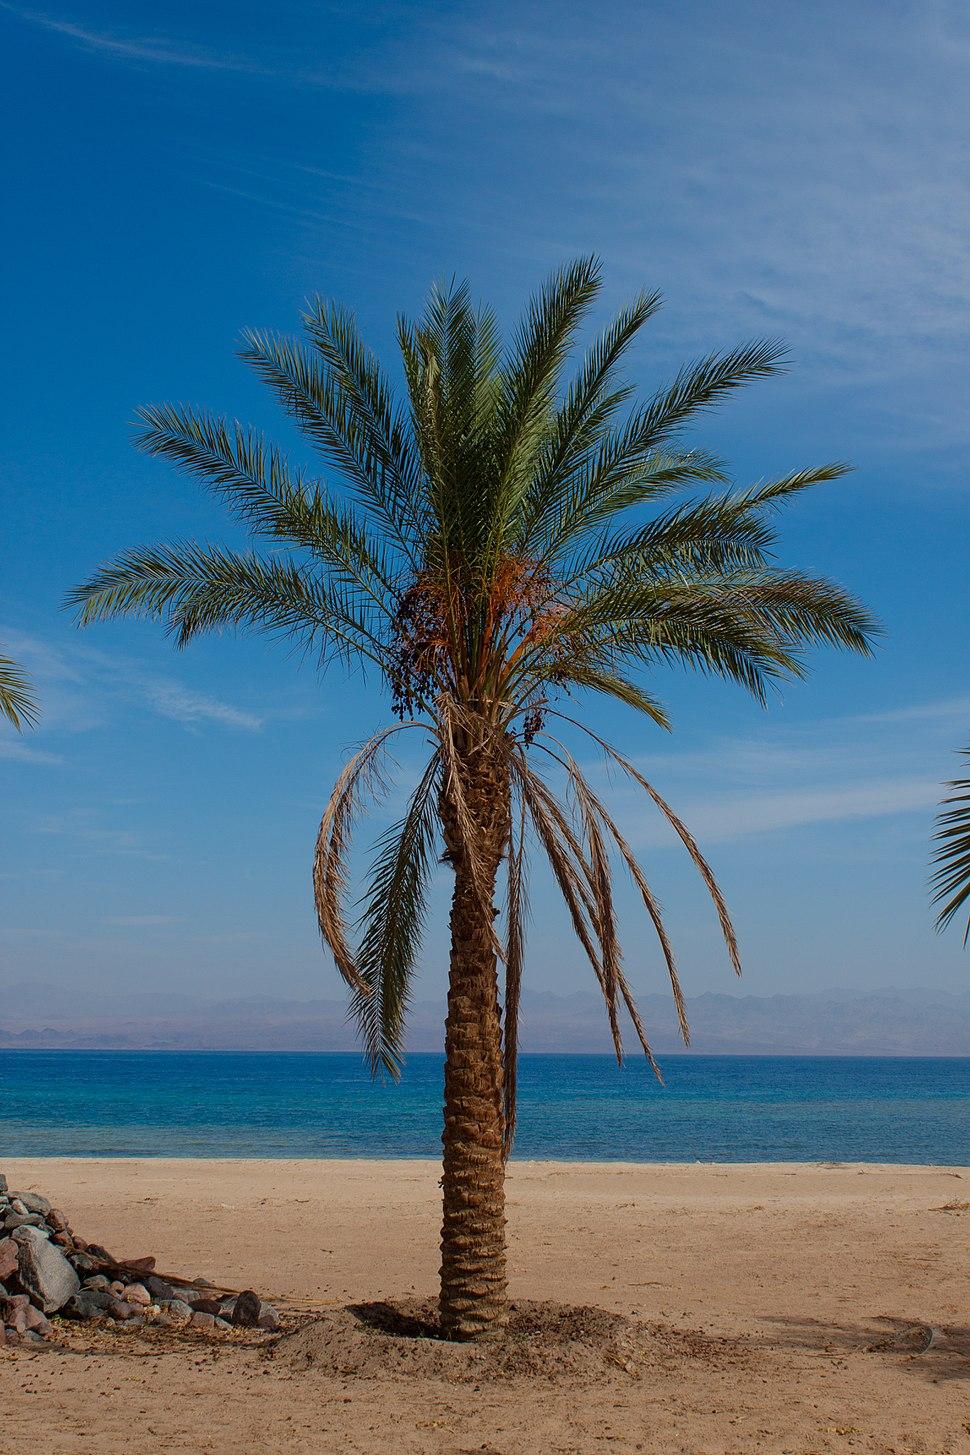 نخلة على الشاطىء الرملى